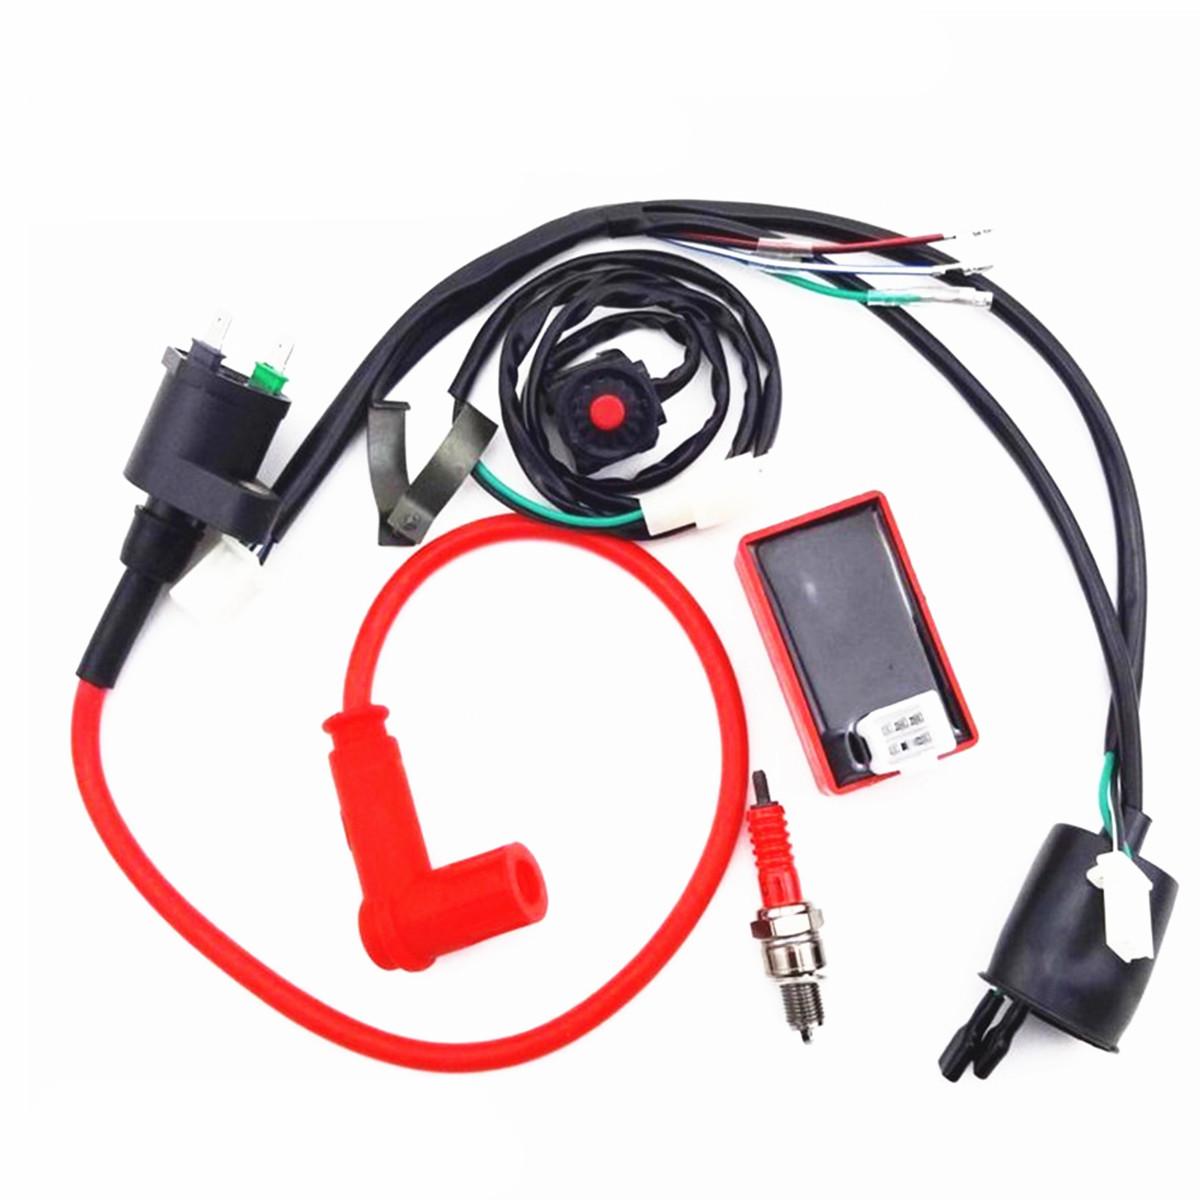 pit bike wiring harness 90 110 125 140 150cc dirt pit bike wiring harness kill switch  90 110 125 140 150cc dirt pit bike